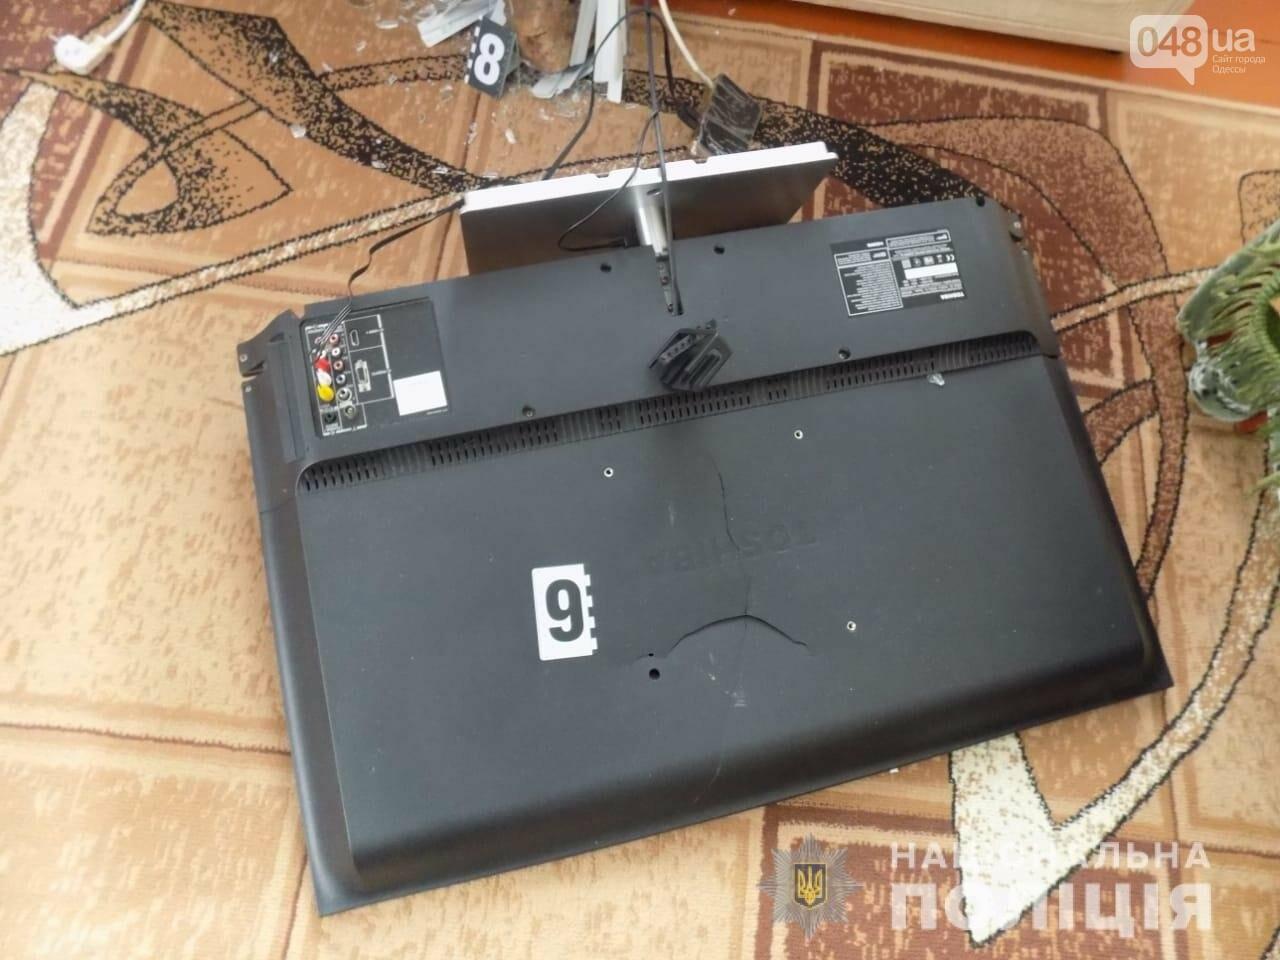 В Одесской области мужчина избил родителей полицейского, чтобы отомстить, - ФОТО, фото-1